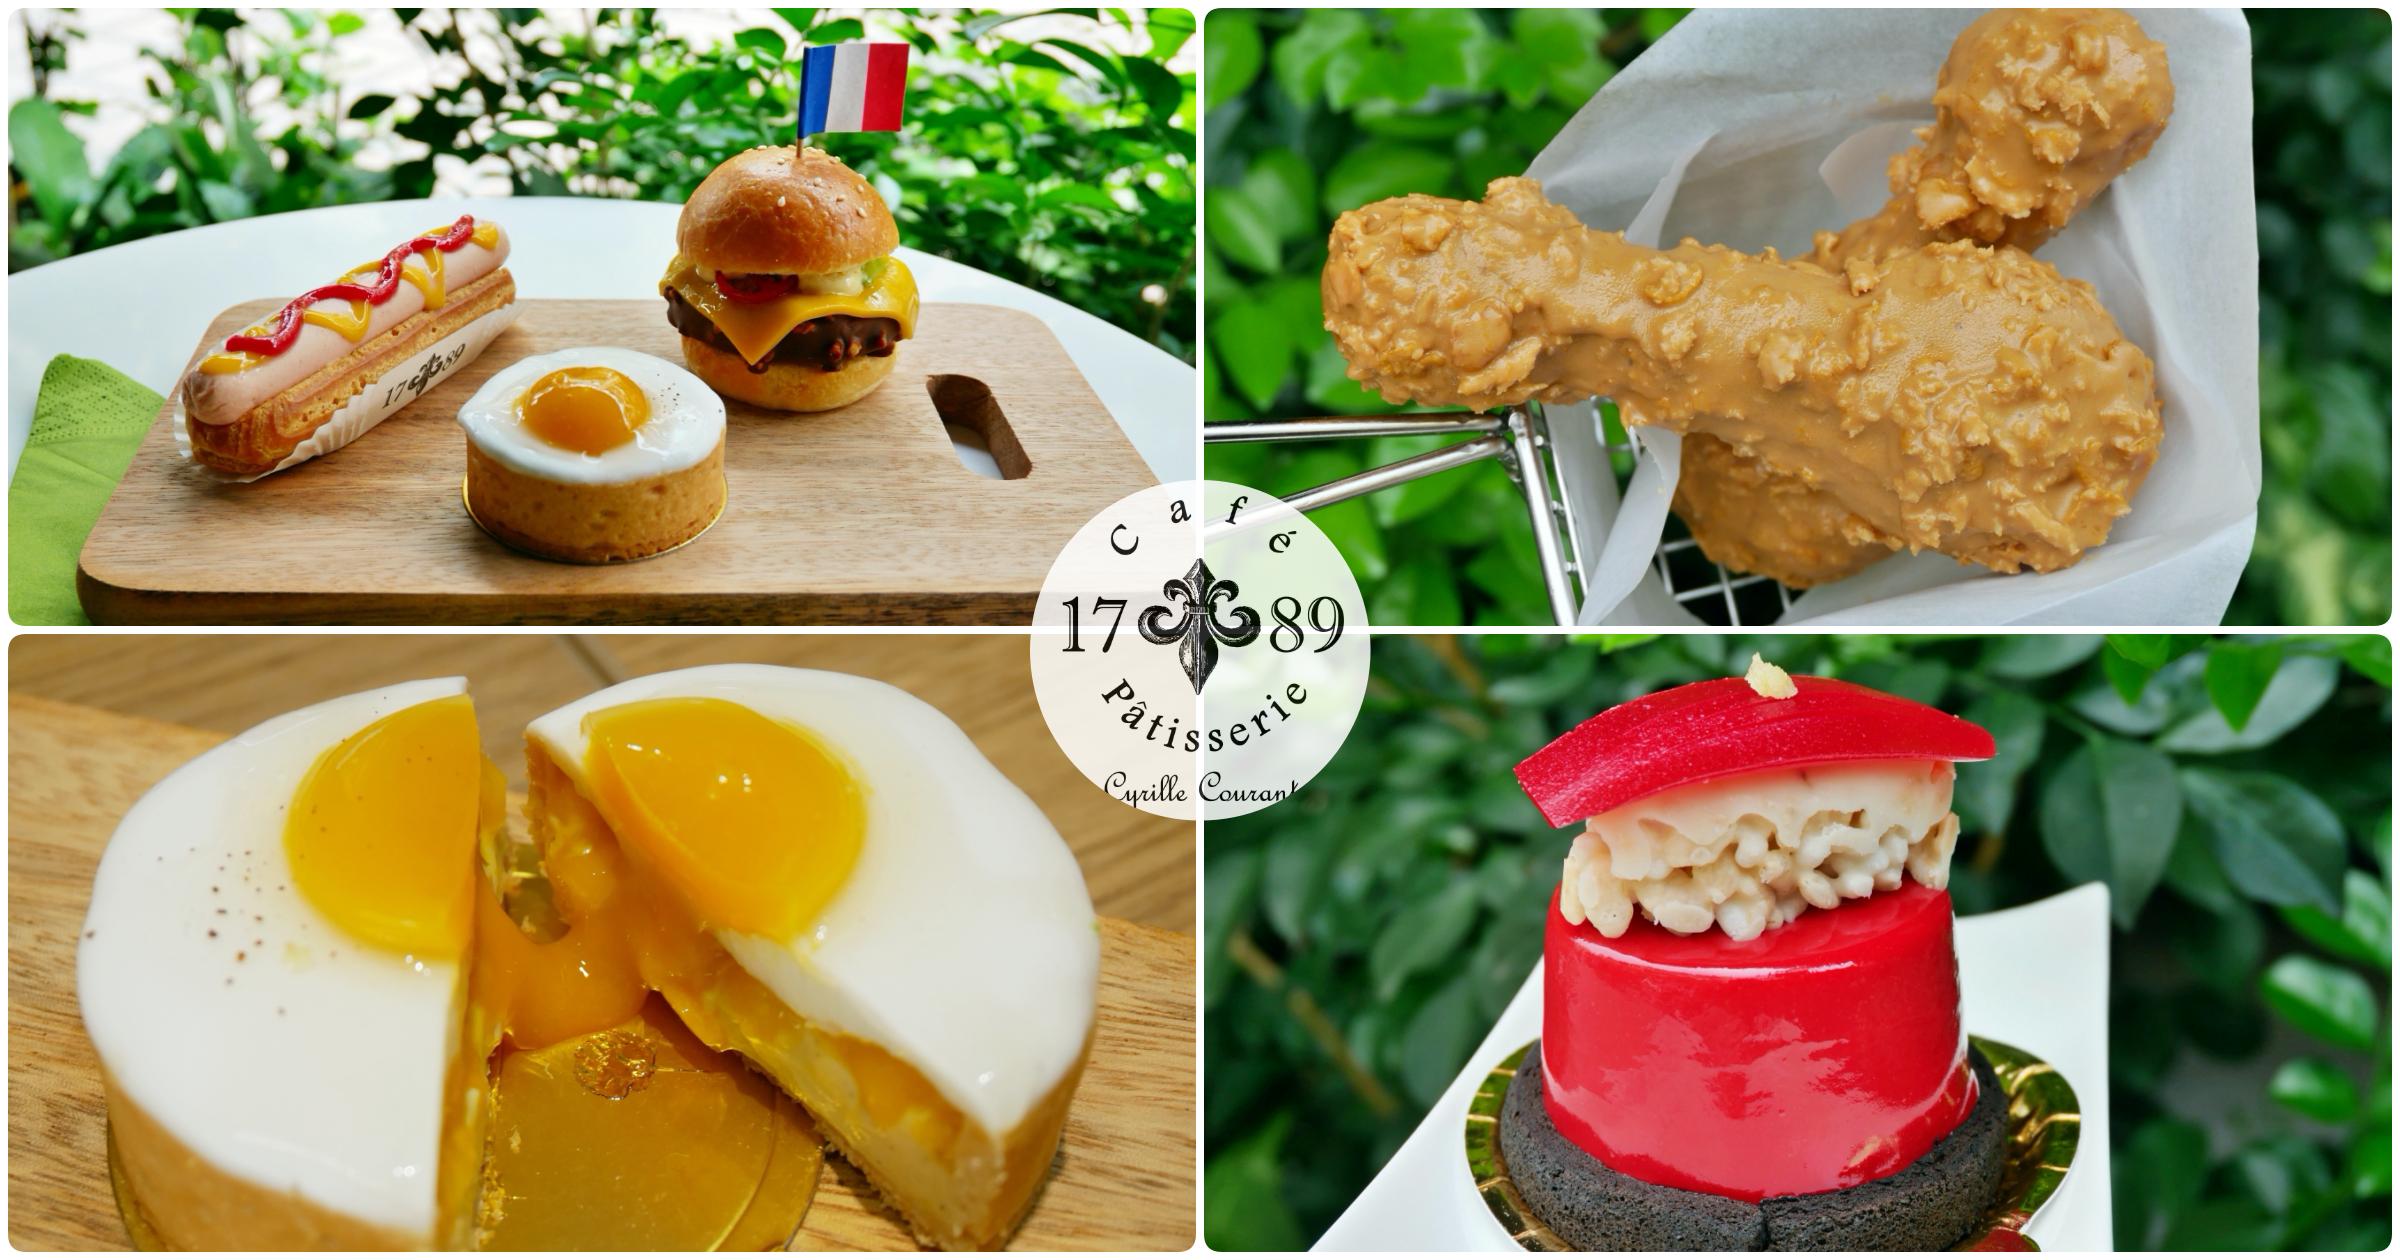 延伸閱讀:[台北美食]大安區1789 Café Pâtisserie|超仿真的法式甜點~傻傻分不清炸雞、壽司和PIZZA